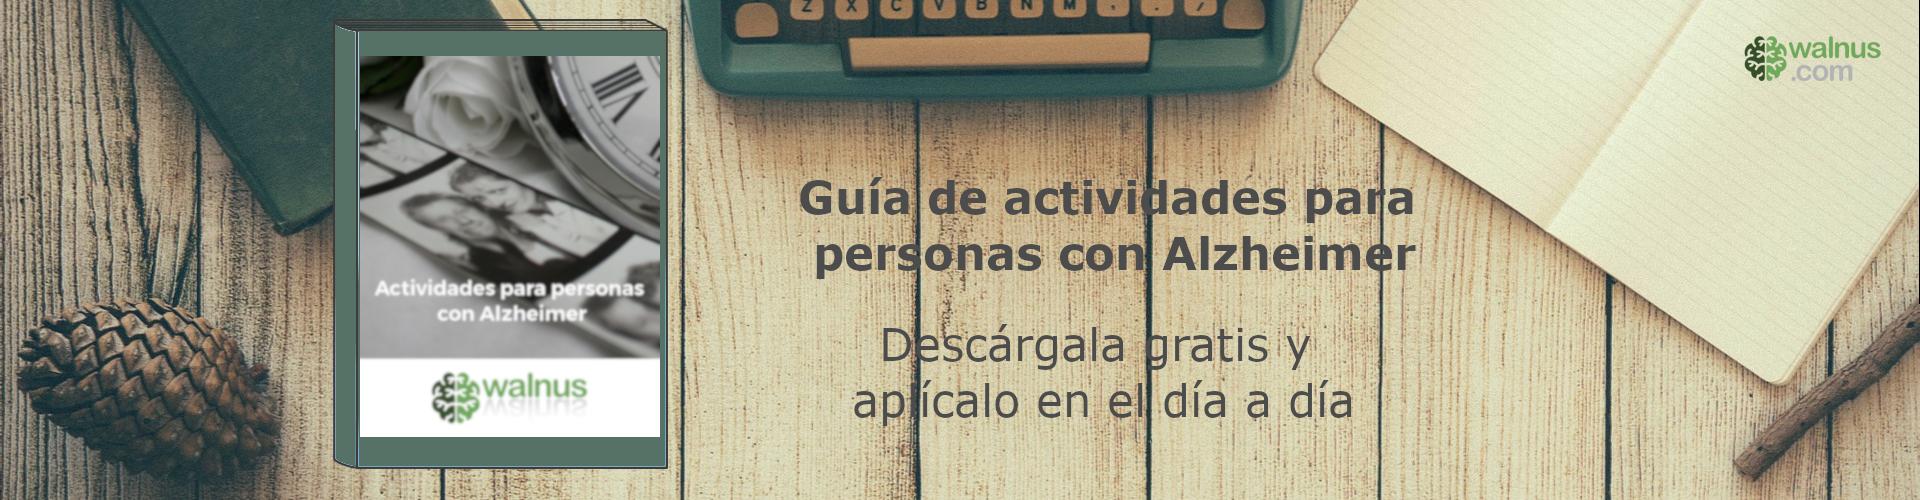 Guía de actividades para personas con Alzheimer